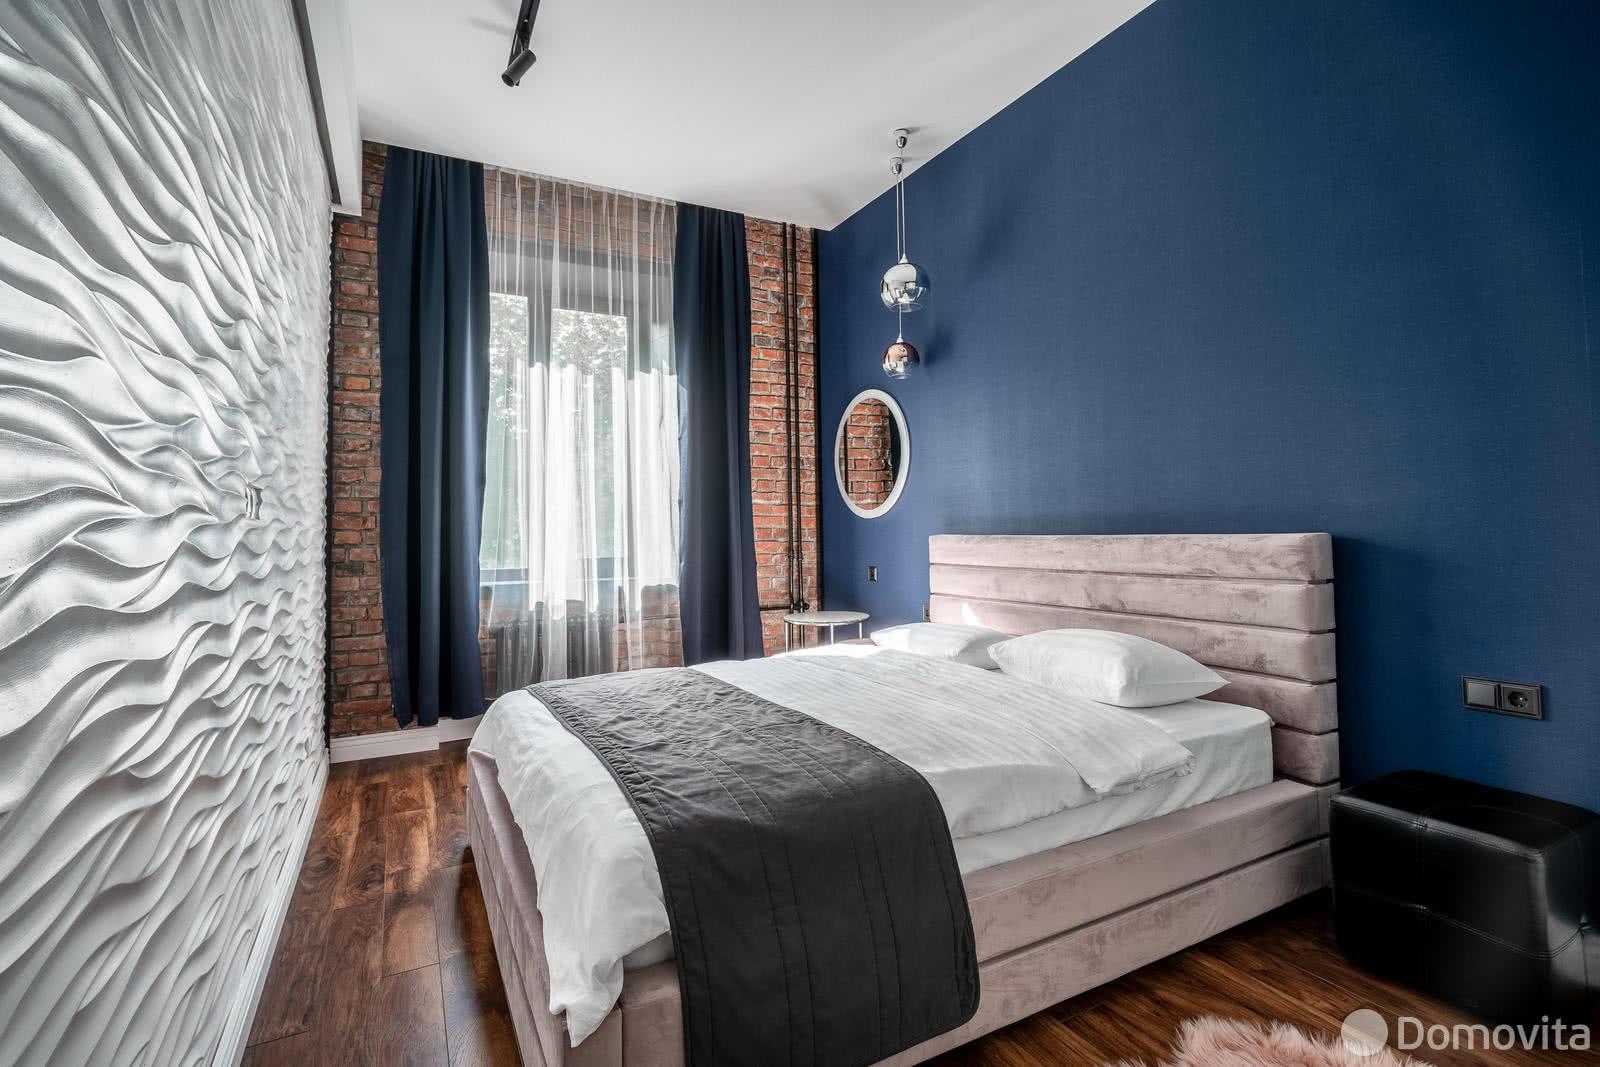 Аренда 3-комнатной квартиры на сутки в Минске ул. Свердлова, д. 24 - фото 5